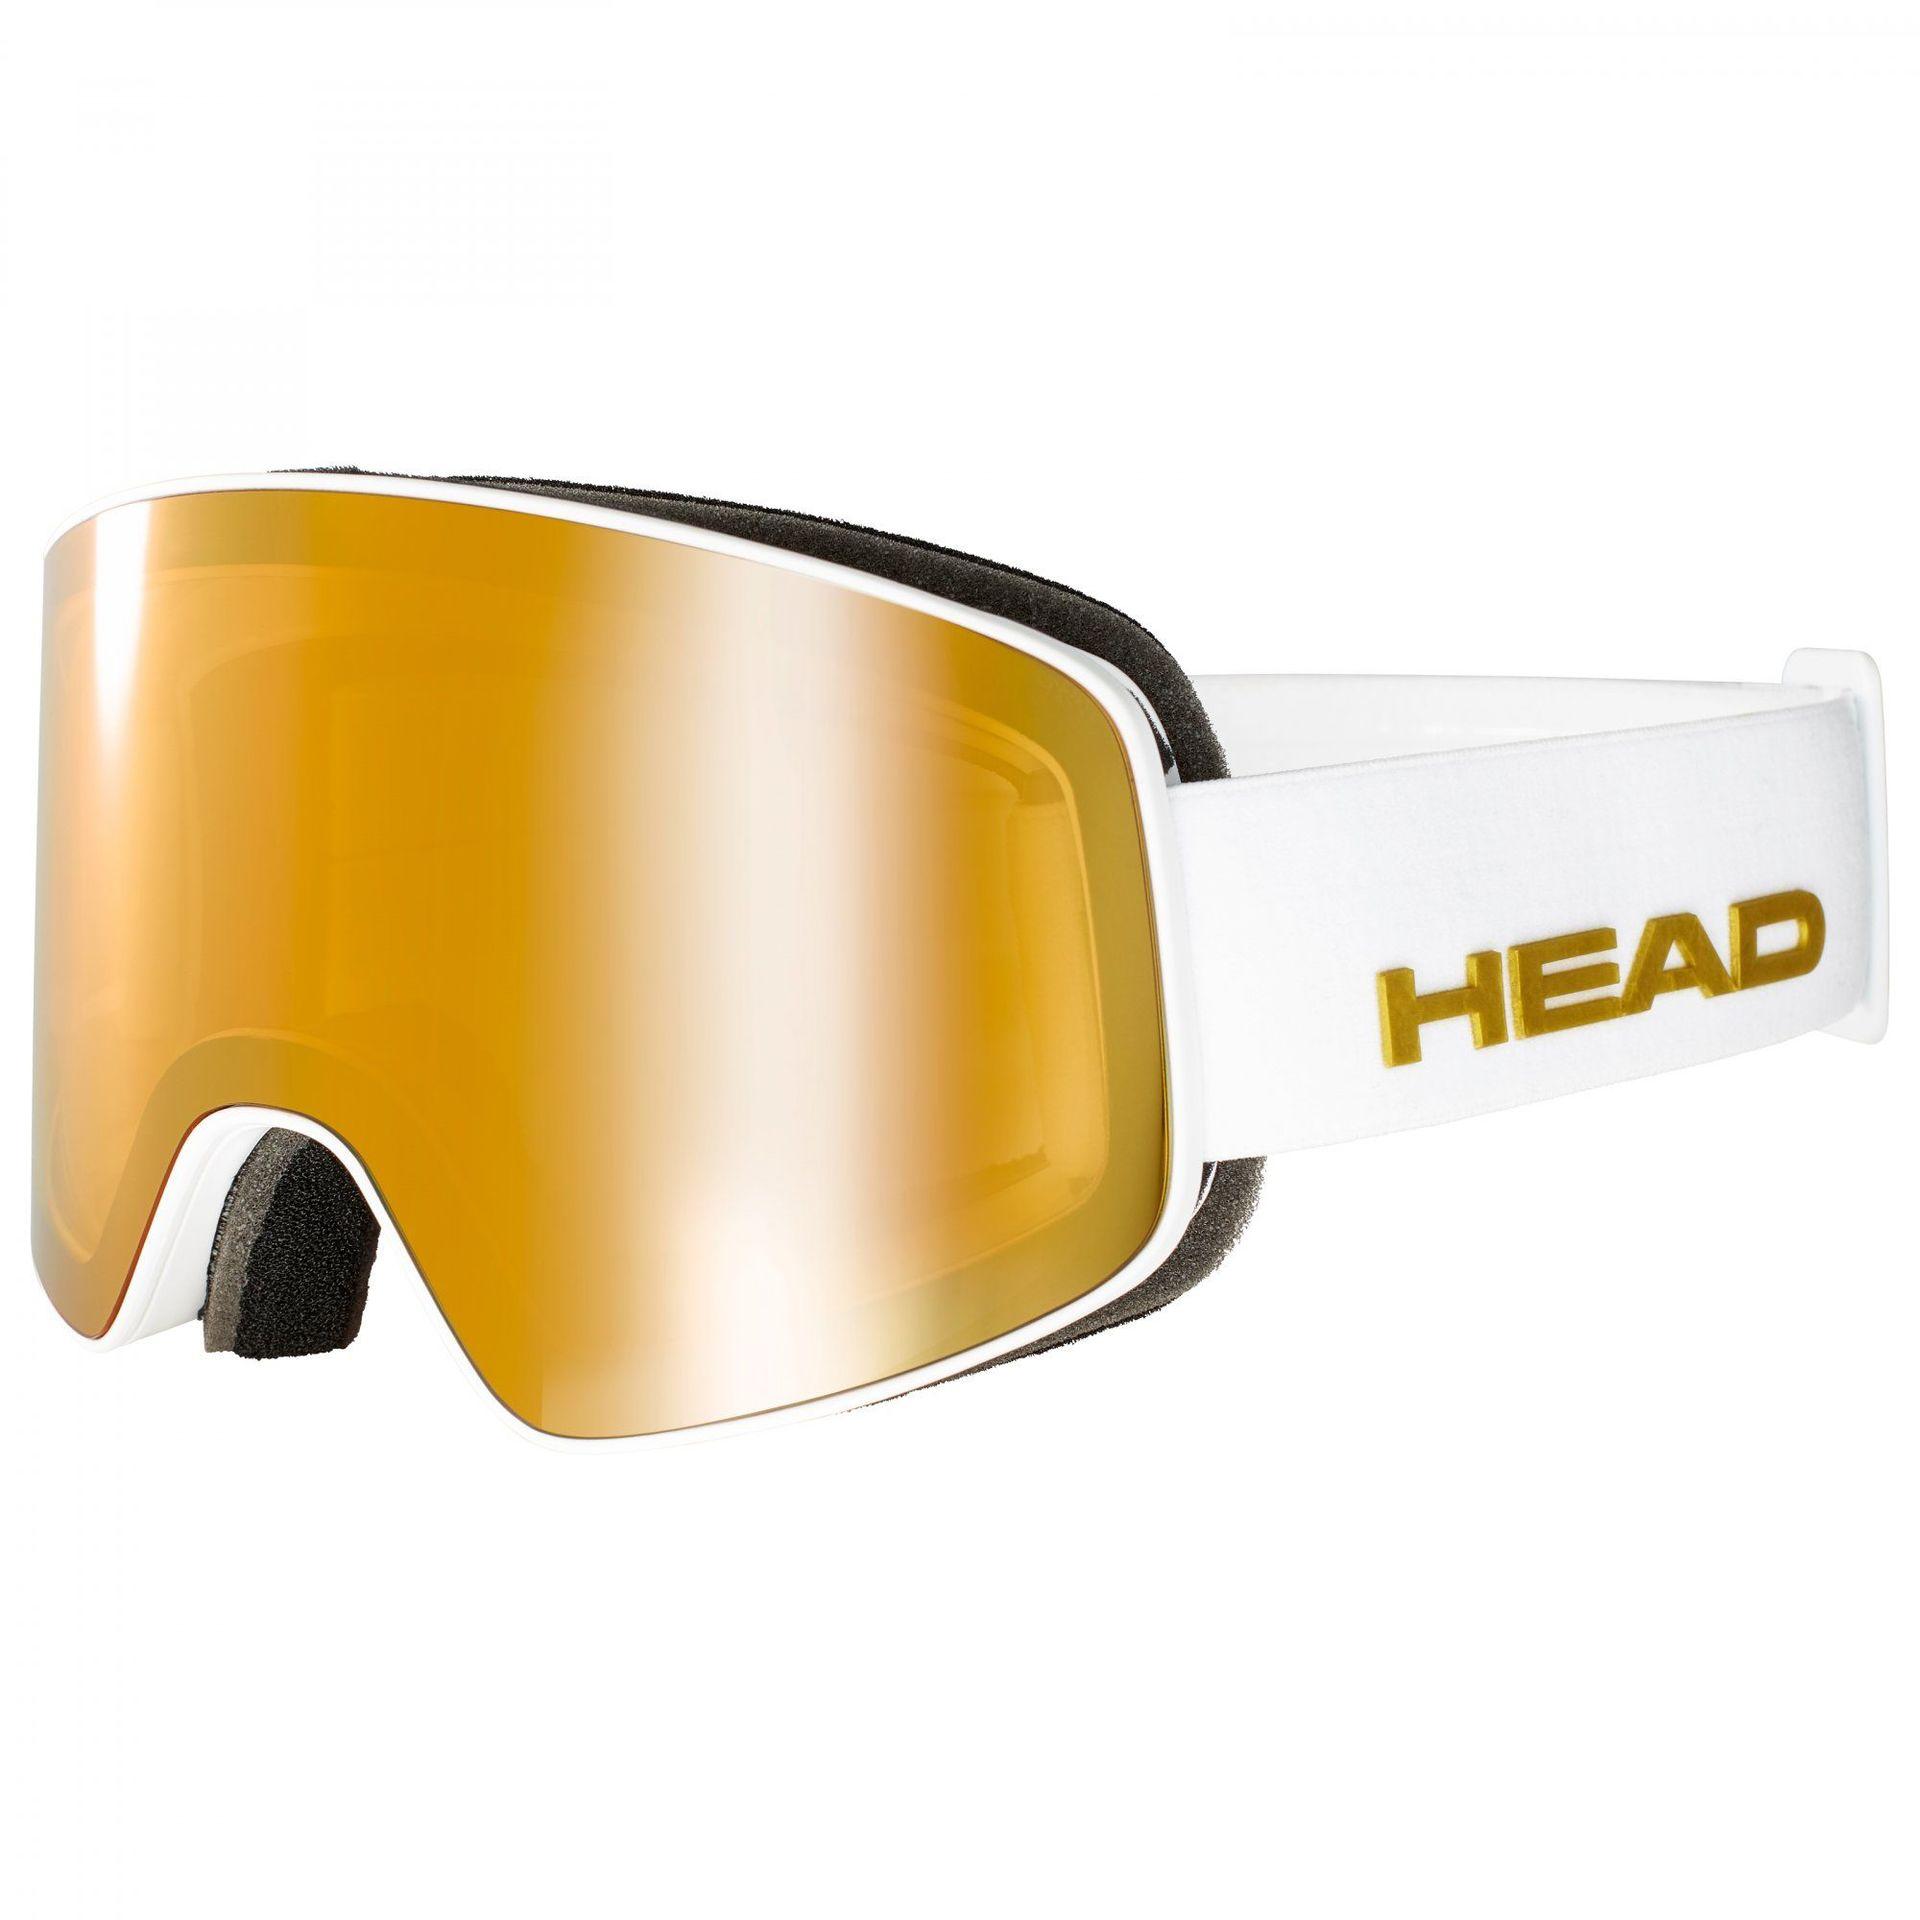 GOGLE HEAD HORIZON PREMIUM + SPARE LENS 391179